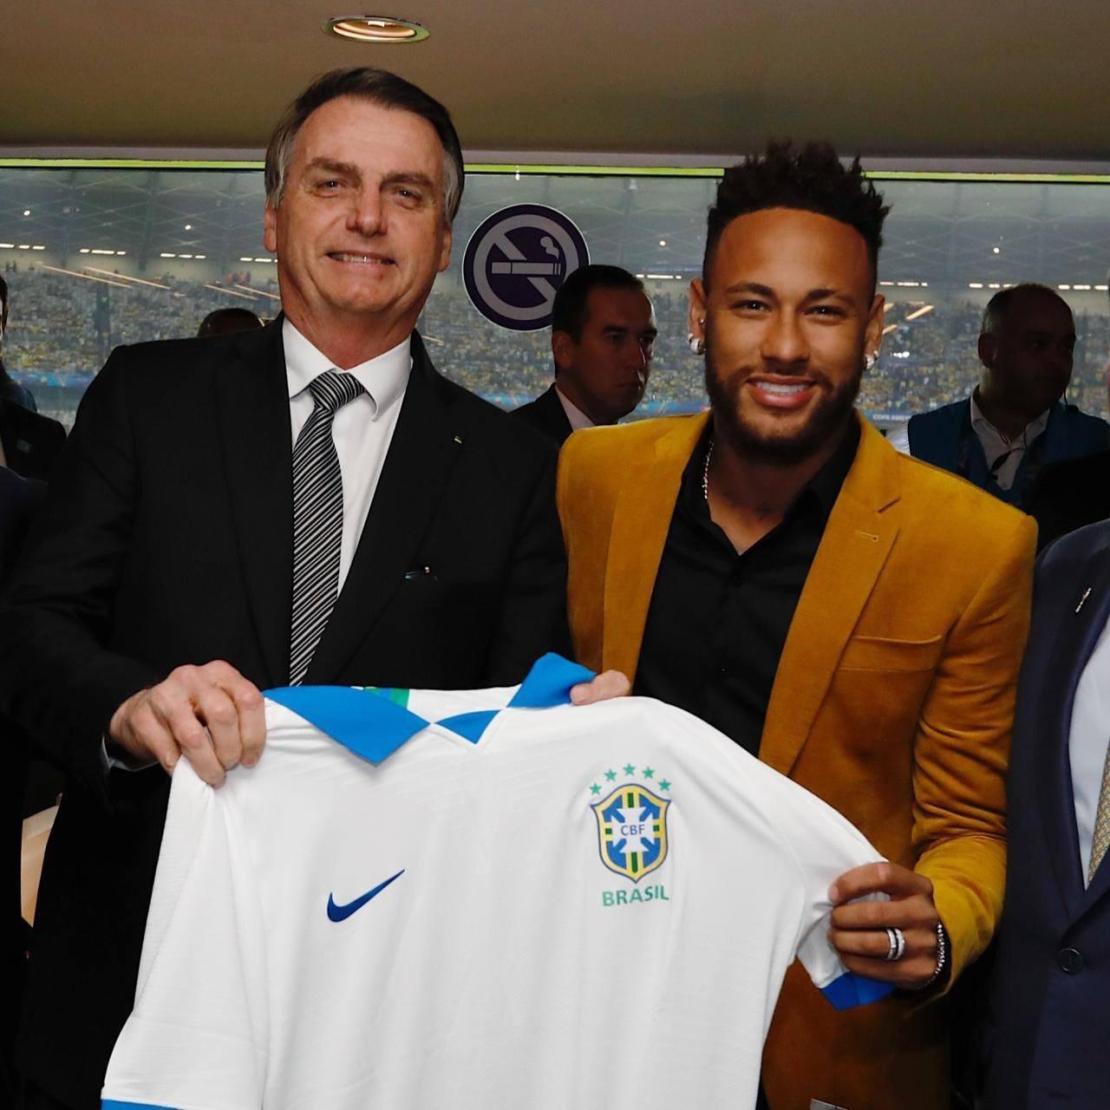 Bolsonaro exibe uma camisa da seleção brasileira ao lado de Neymar